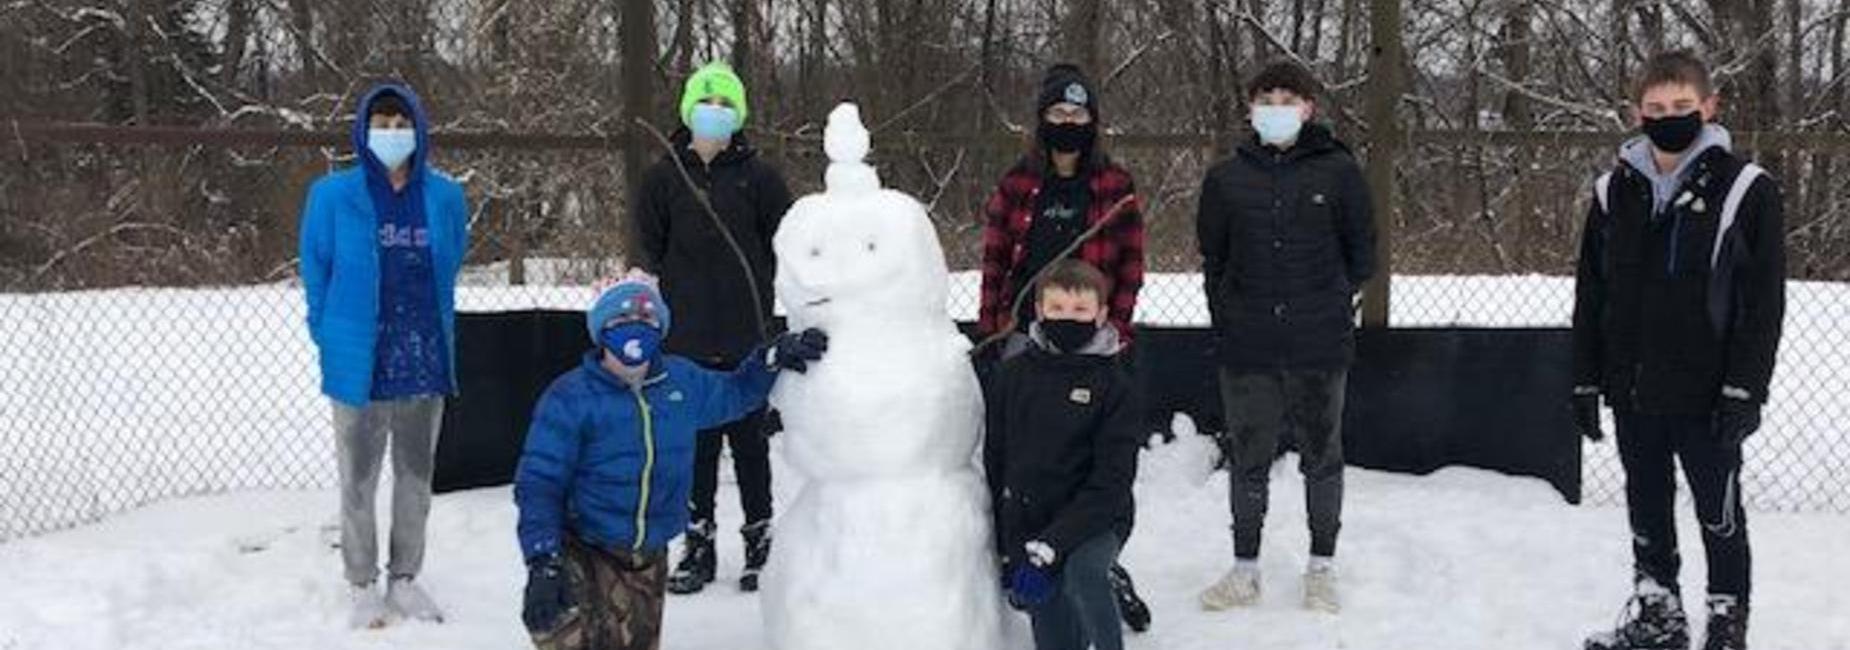 kids building snow man